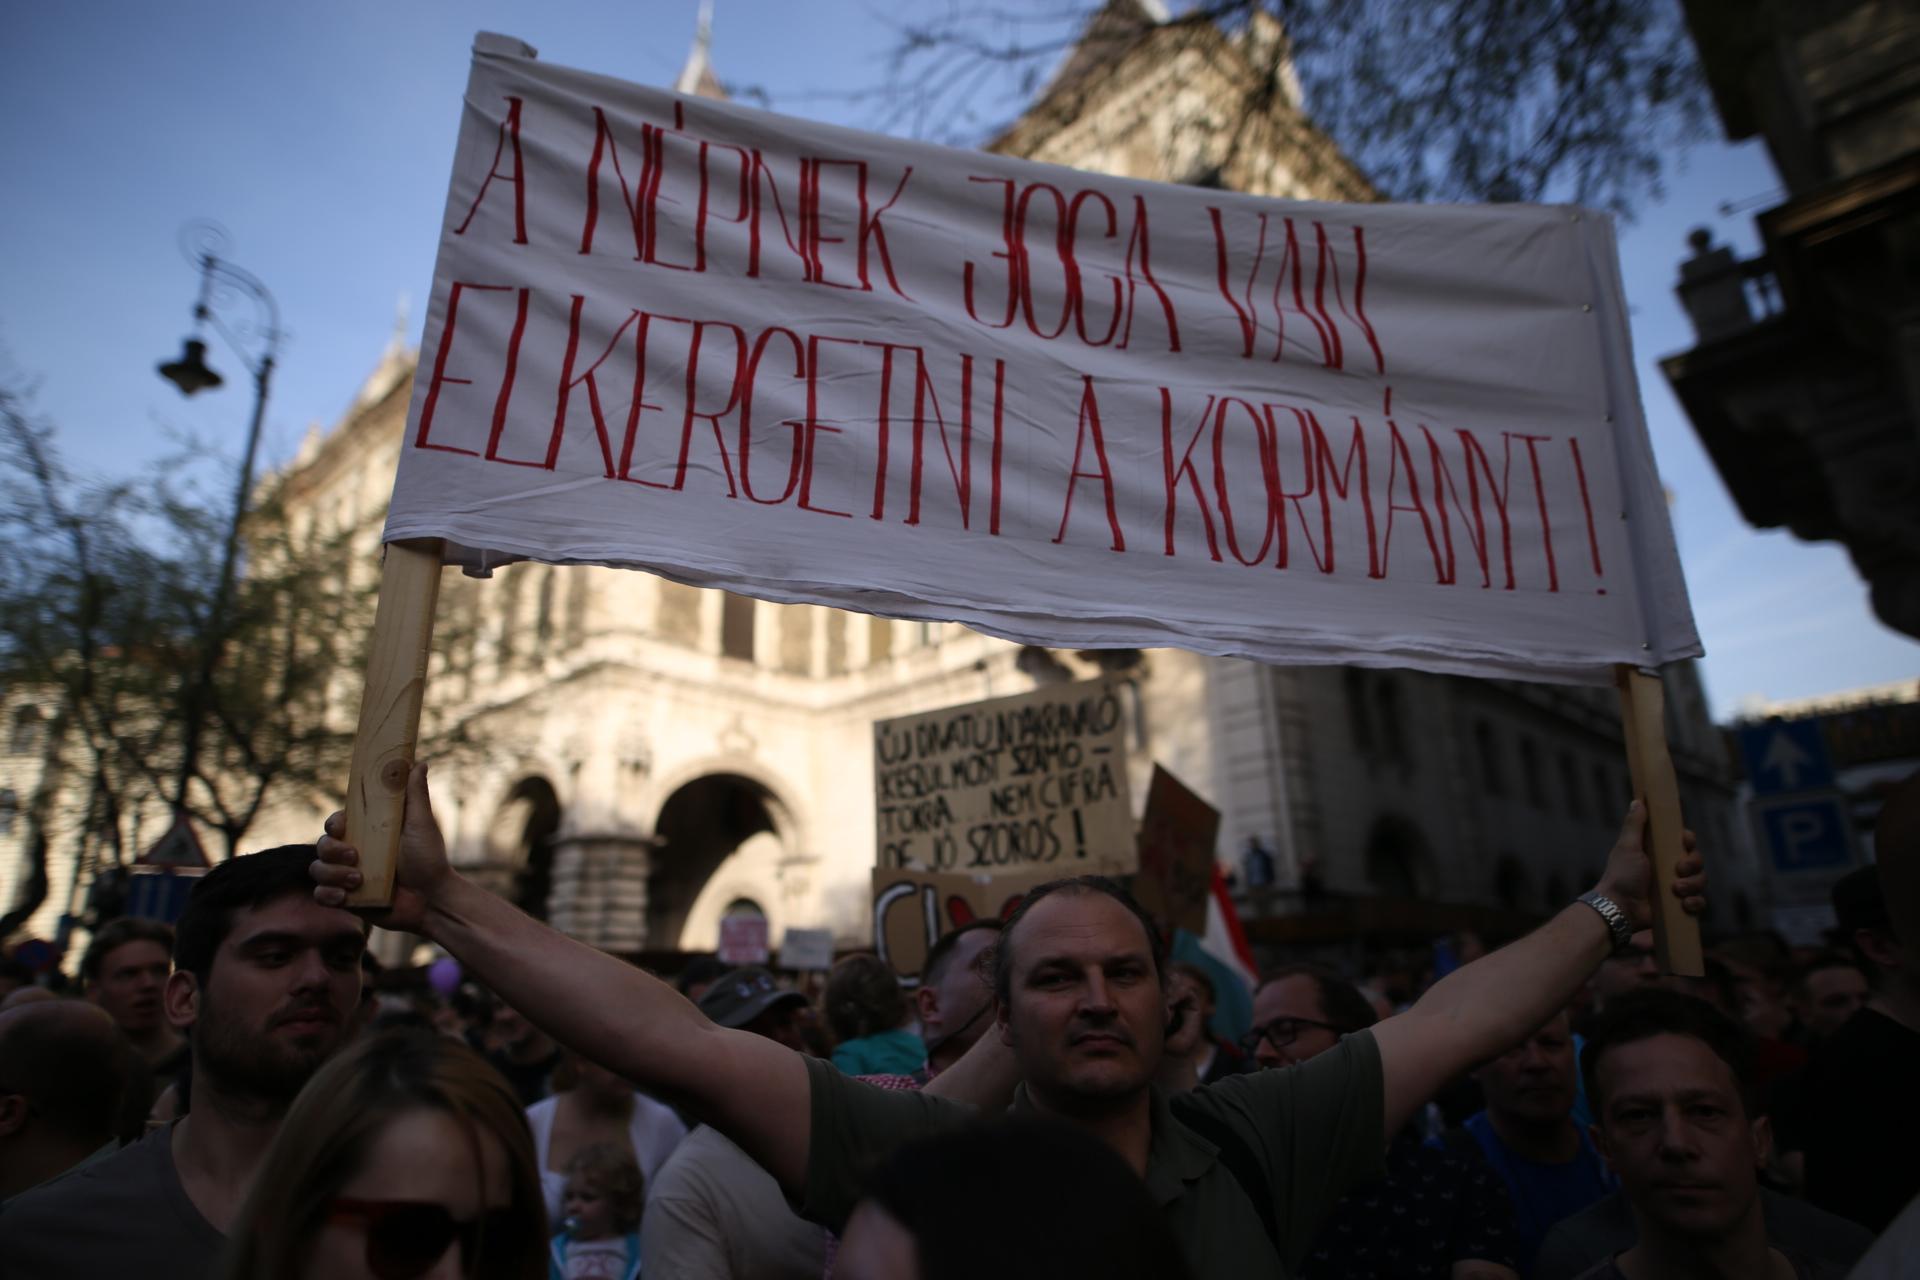 Elindult a menet az Operától a Kossuth tér felé